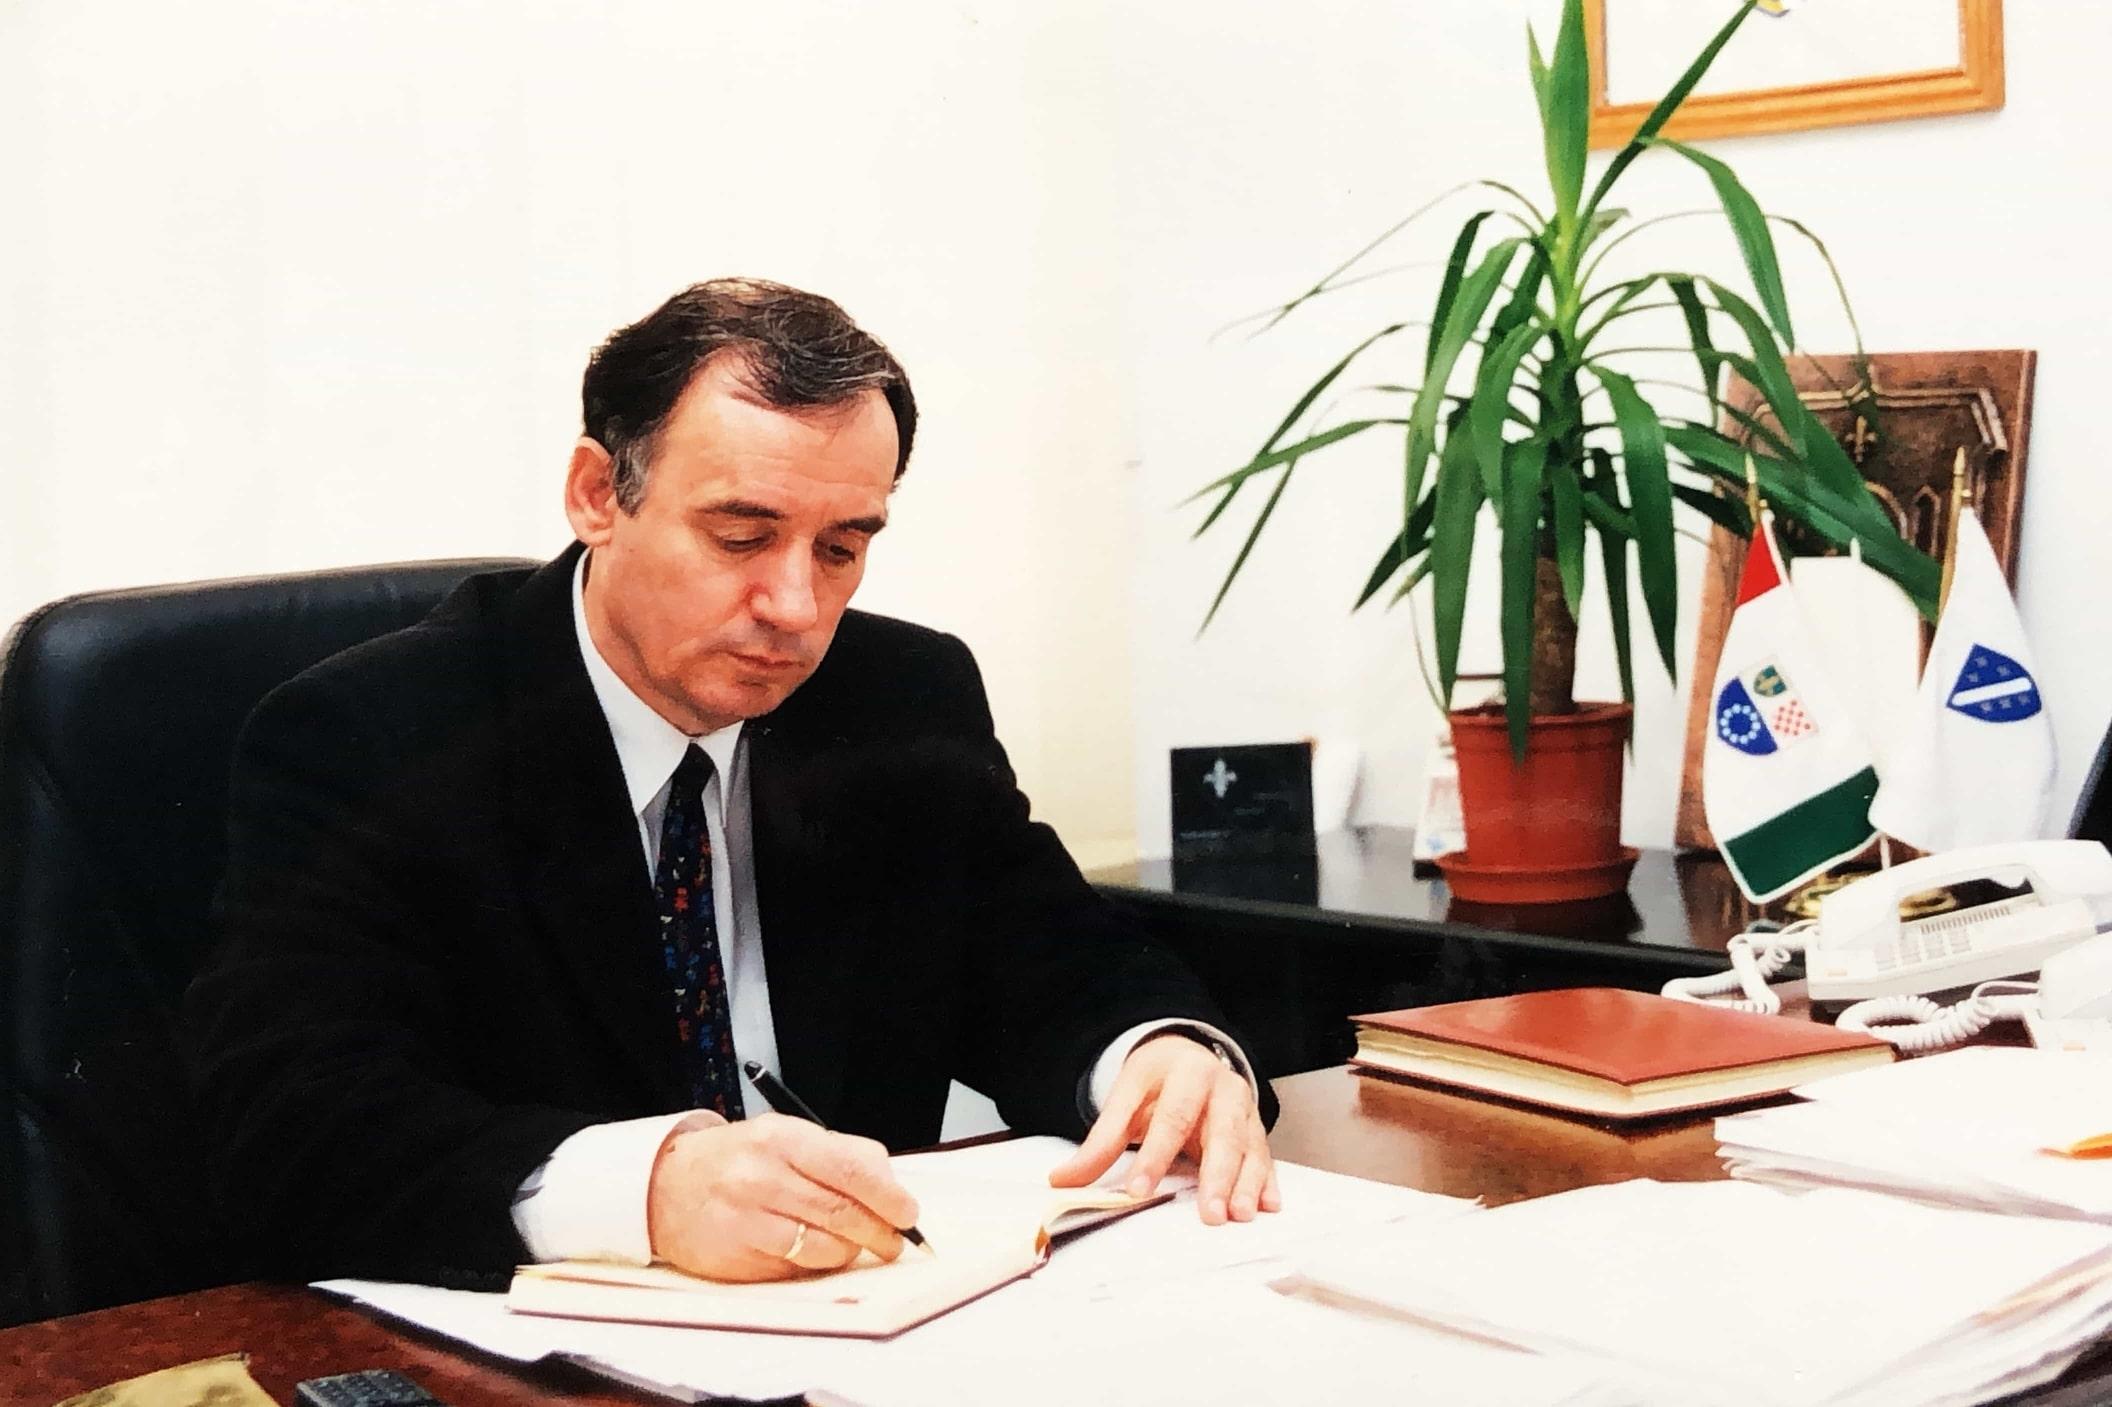 Nijaz Slipicevic